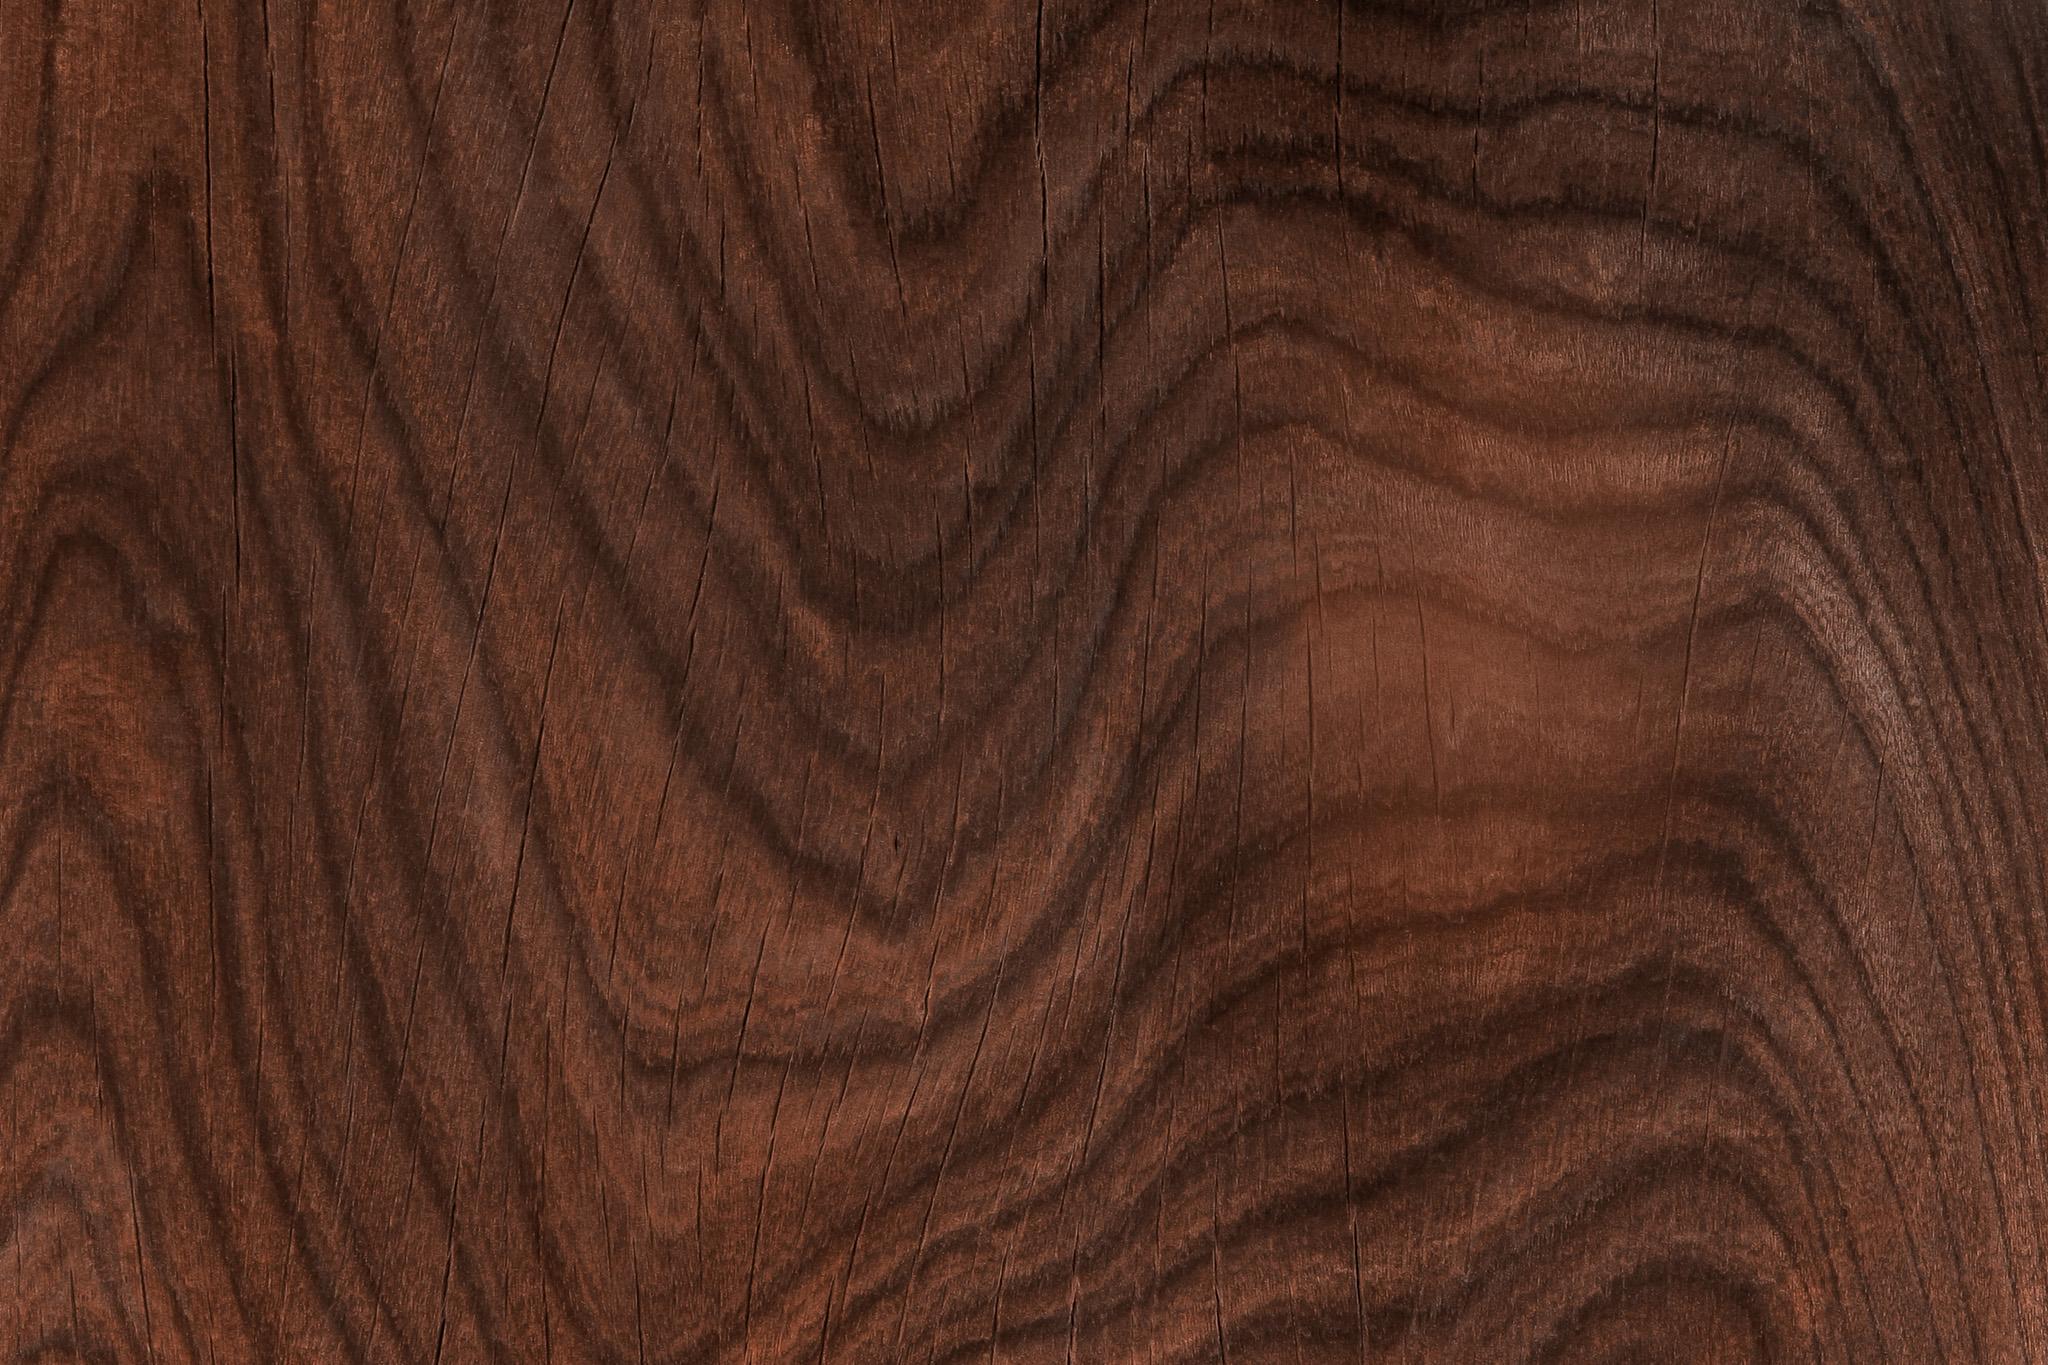 「古い木の板の杢目」の素材を無料ダウンロード